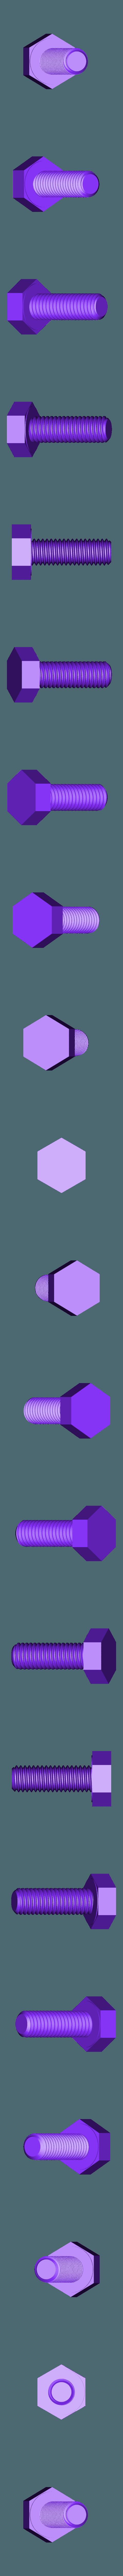 M5x0.8x15mm.STL Télécharger fichier STL gratuit Écrou et boulon métriques les plus courants - M2 à M20 • Plan pour impression 3D, TheTNR